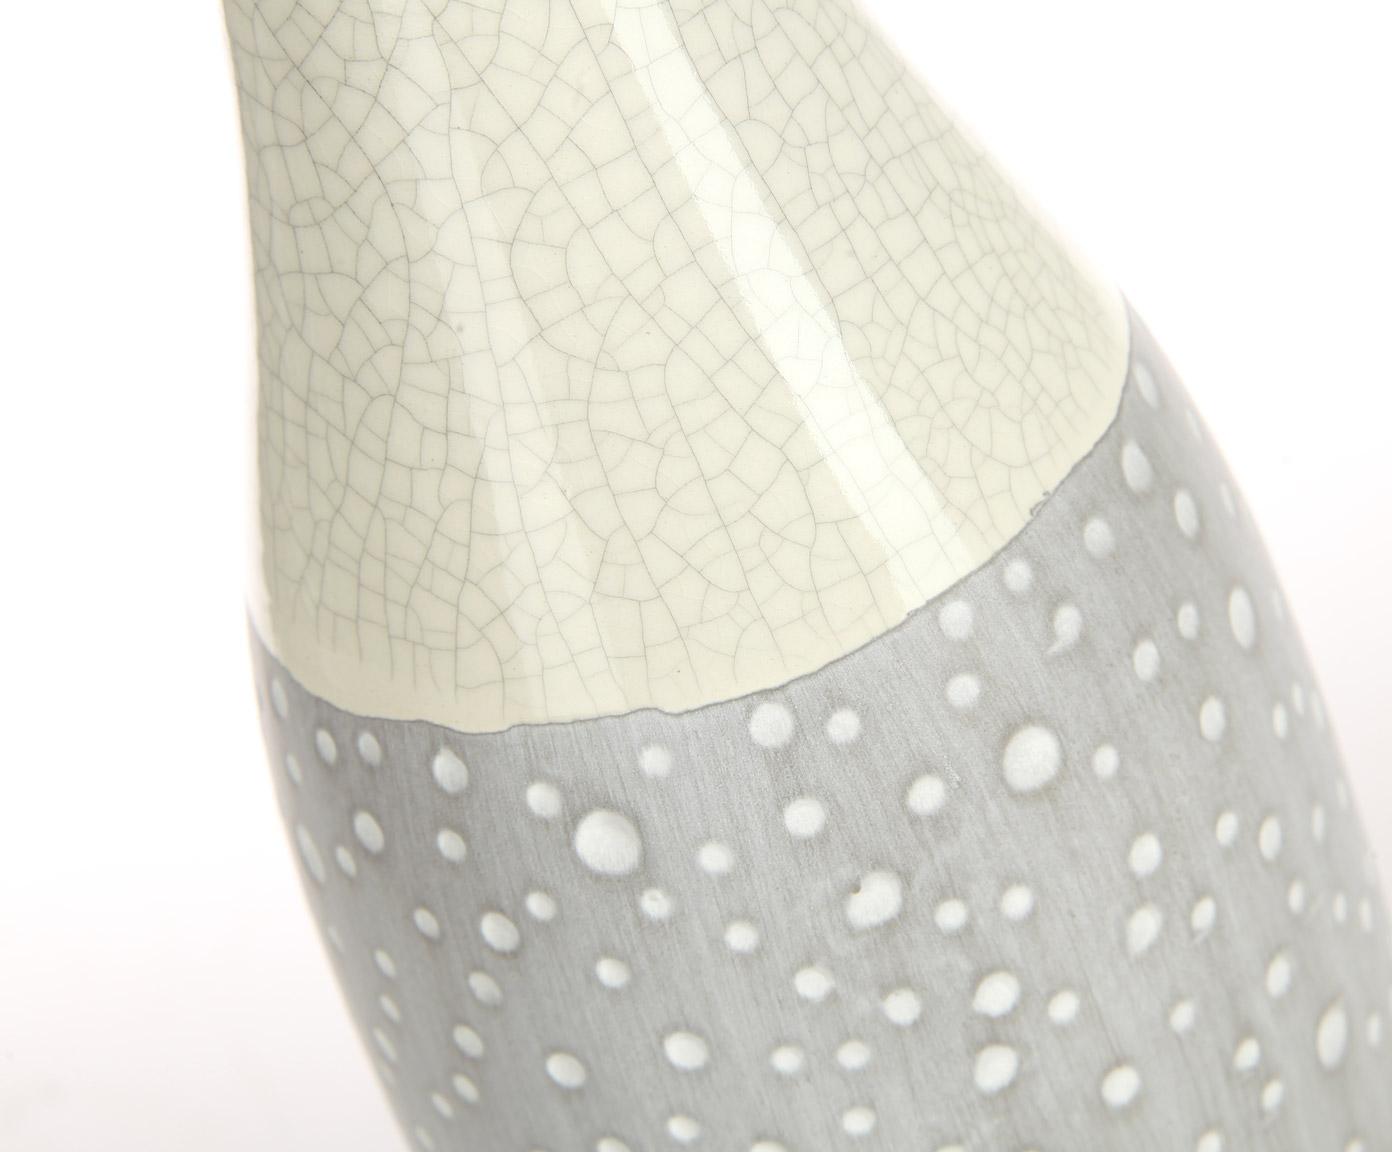 Ваза декоративнаяВазы<br>Классическая вытянутая форма, плавные переходы, приглушенные оттенки серого. Эта напольная ваза от Farol не крик, не громкое дизайнерское заявление, а мягкий шепот, способный легко и гармонично раствориться в интерьере. Прекрасно подойдет в качестве декора для спальни в пастельных тонах.<br><br>Material: Керамика<br>Высота см: 60